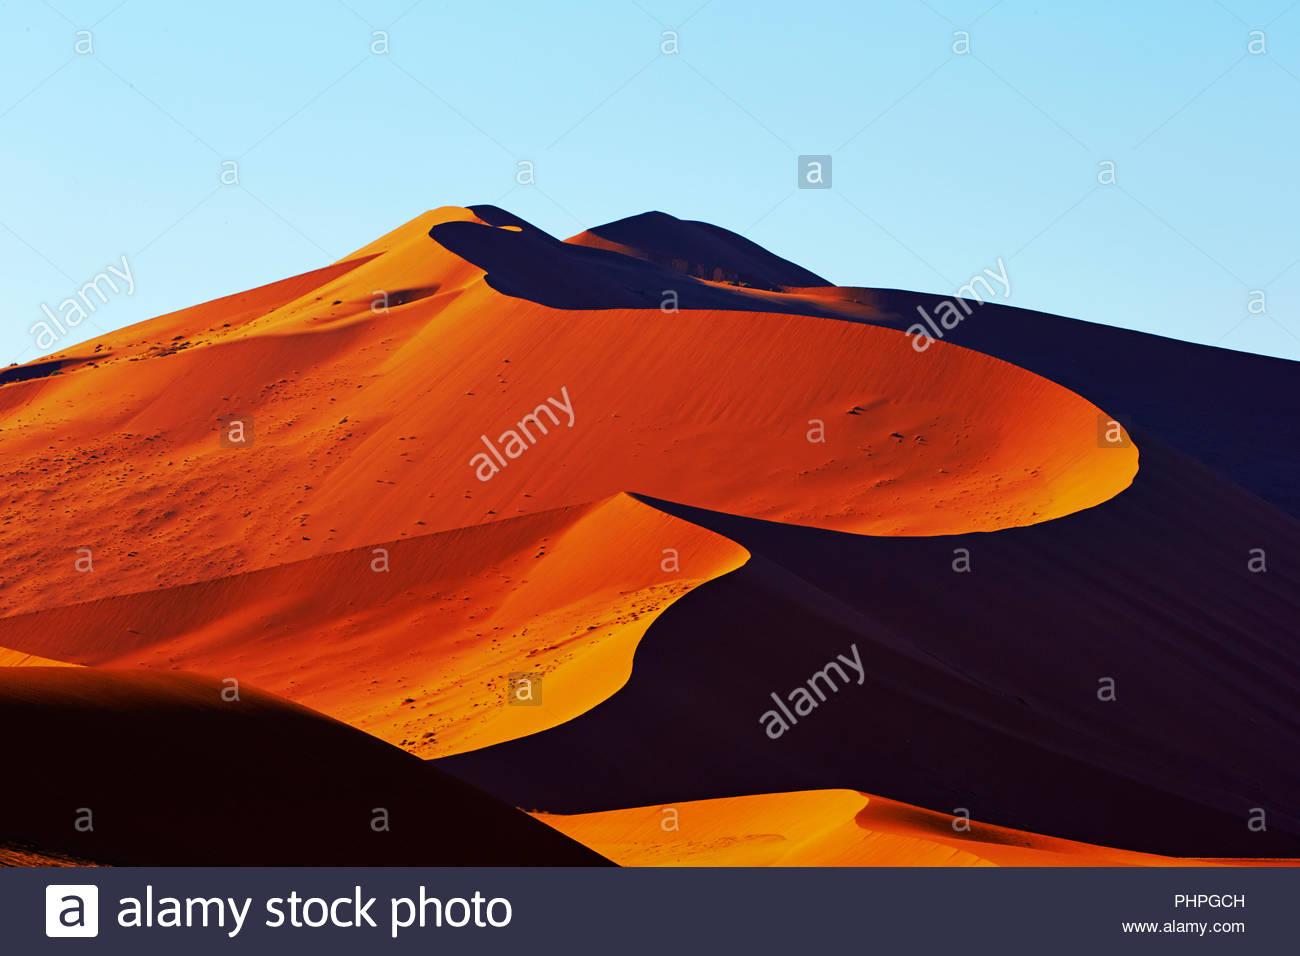 Desert dunes in Namibia - Stock Image